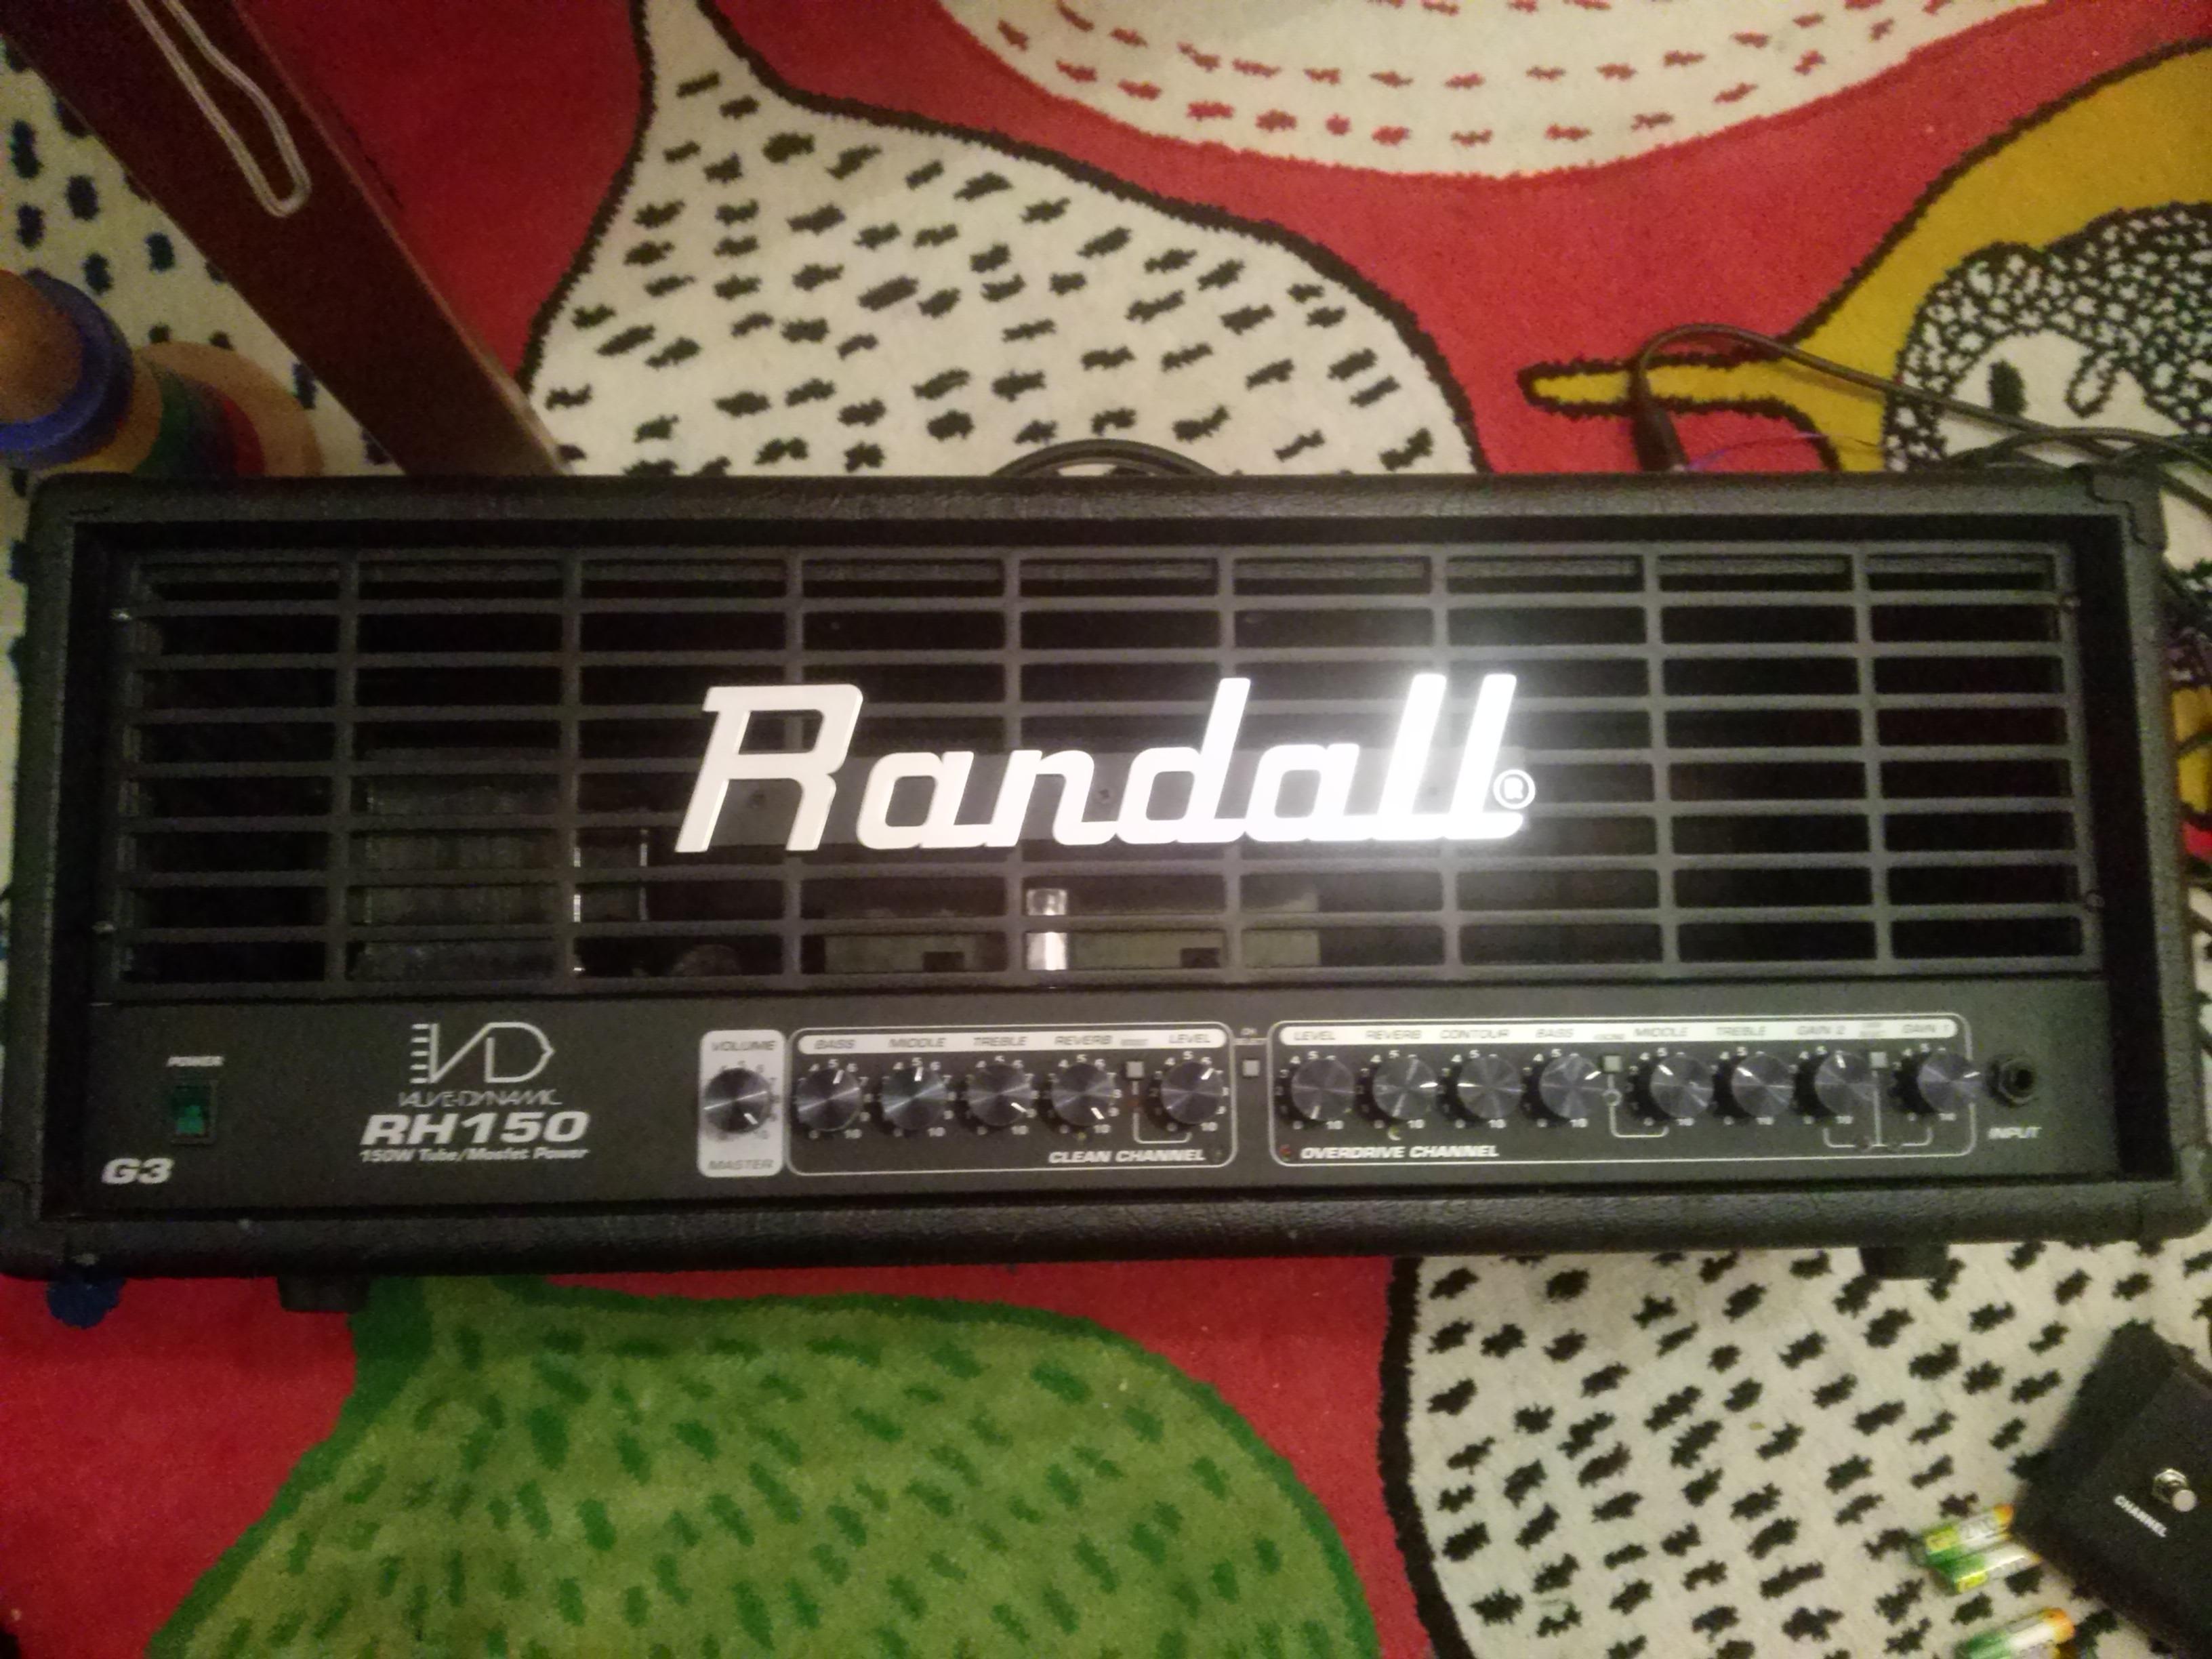 schemat /aukcje/Randall-RH150 RandallRH150Przod.jpg